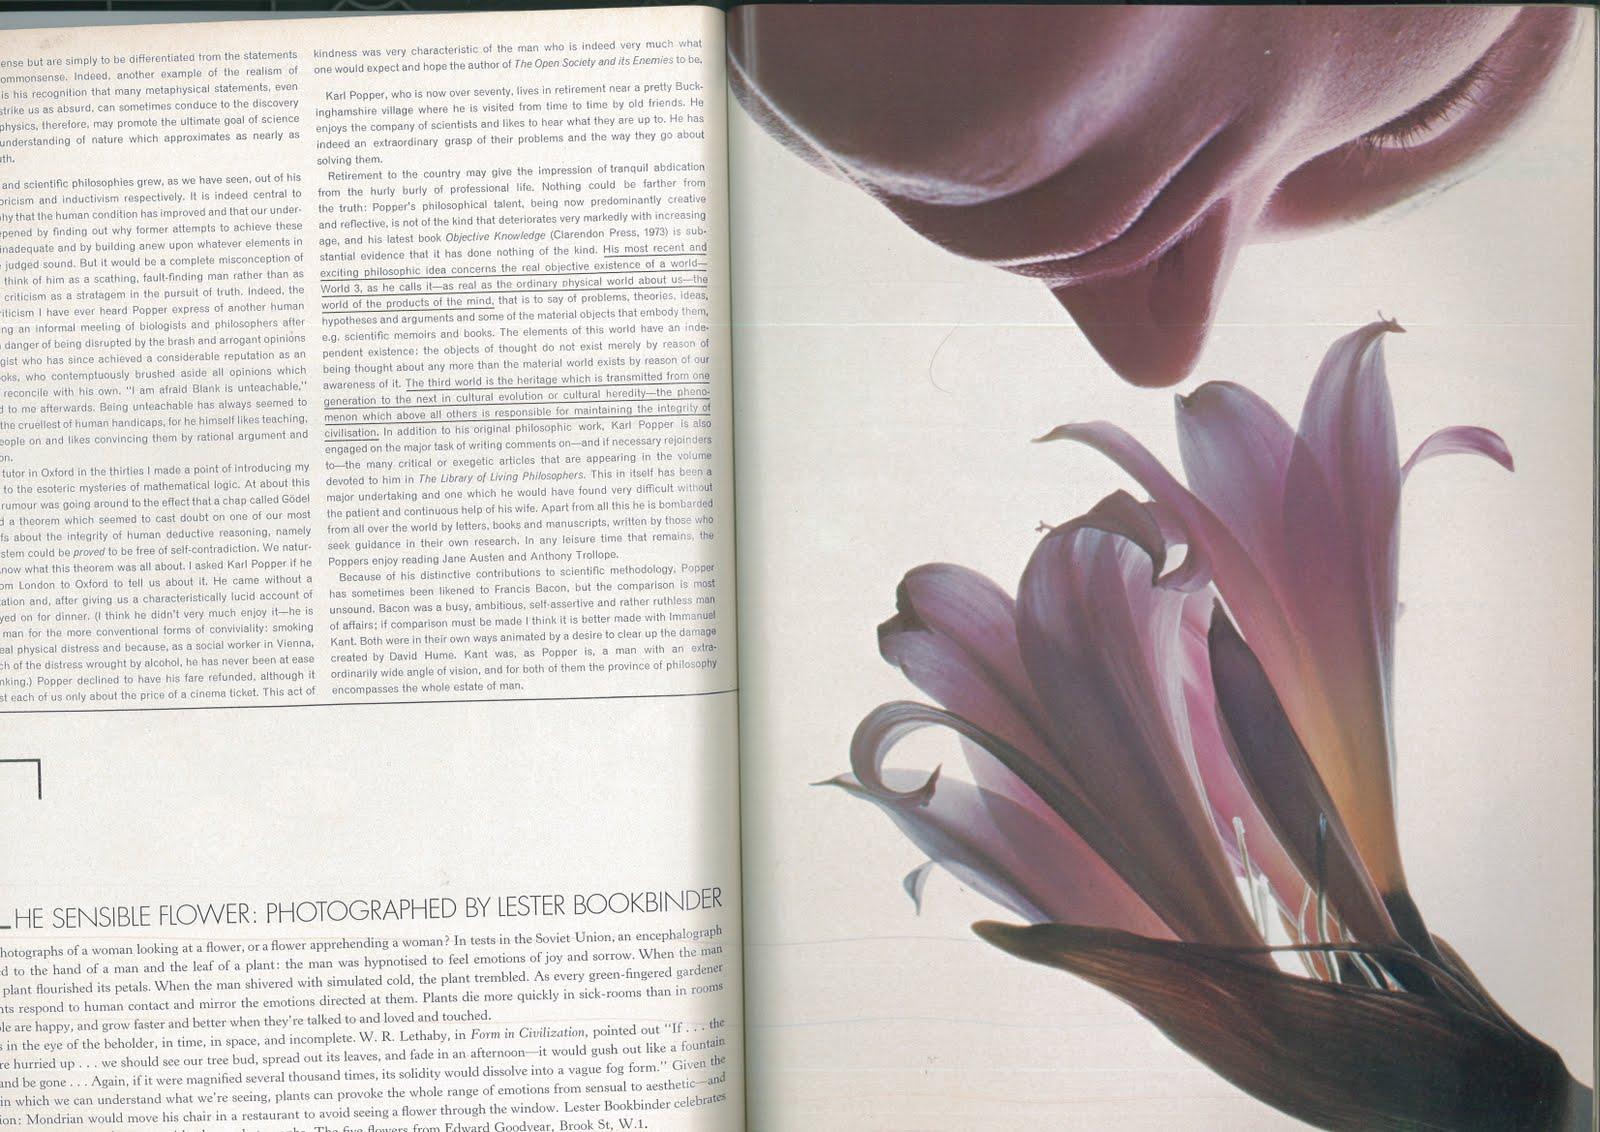 Lester Bookbinder - Vogue